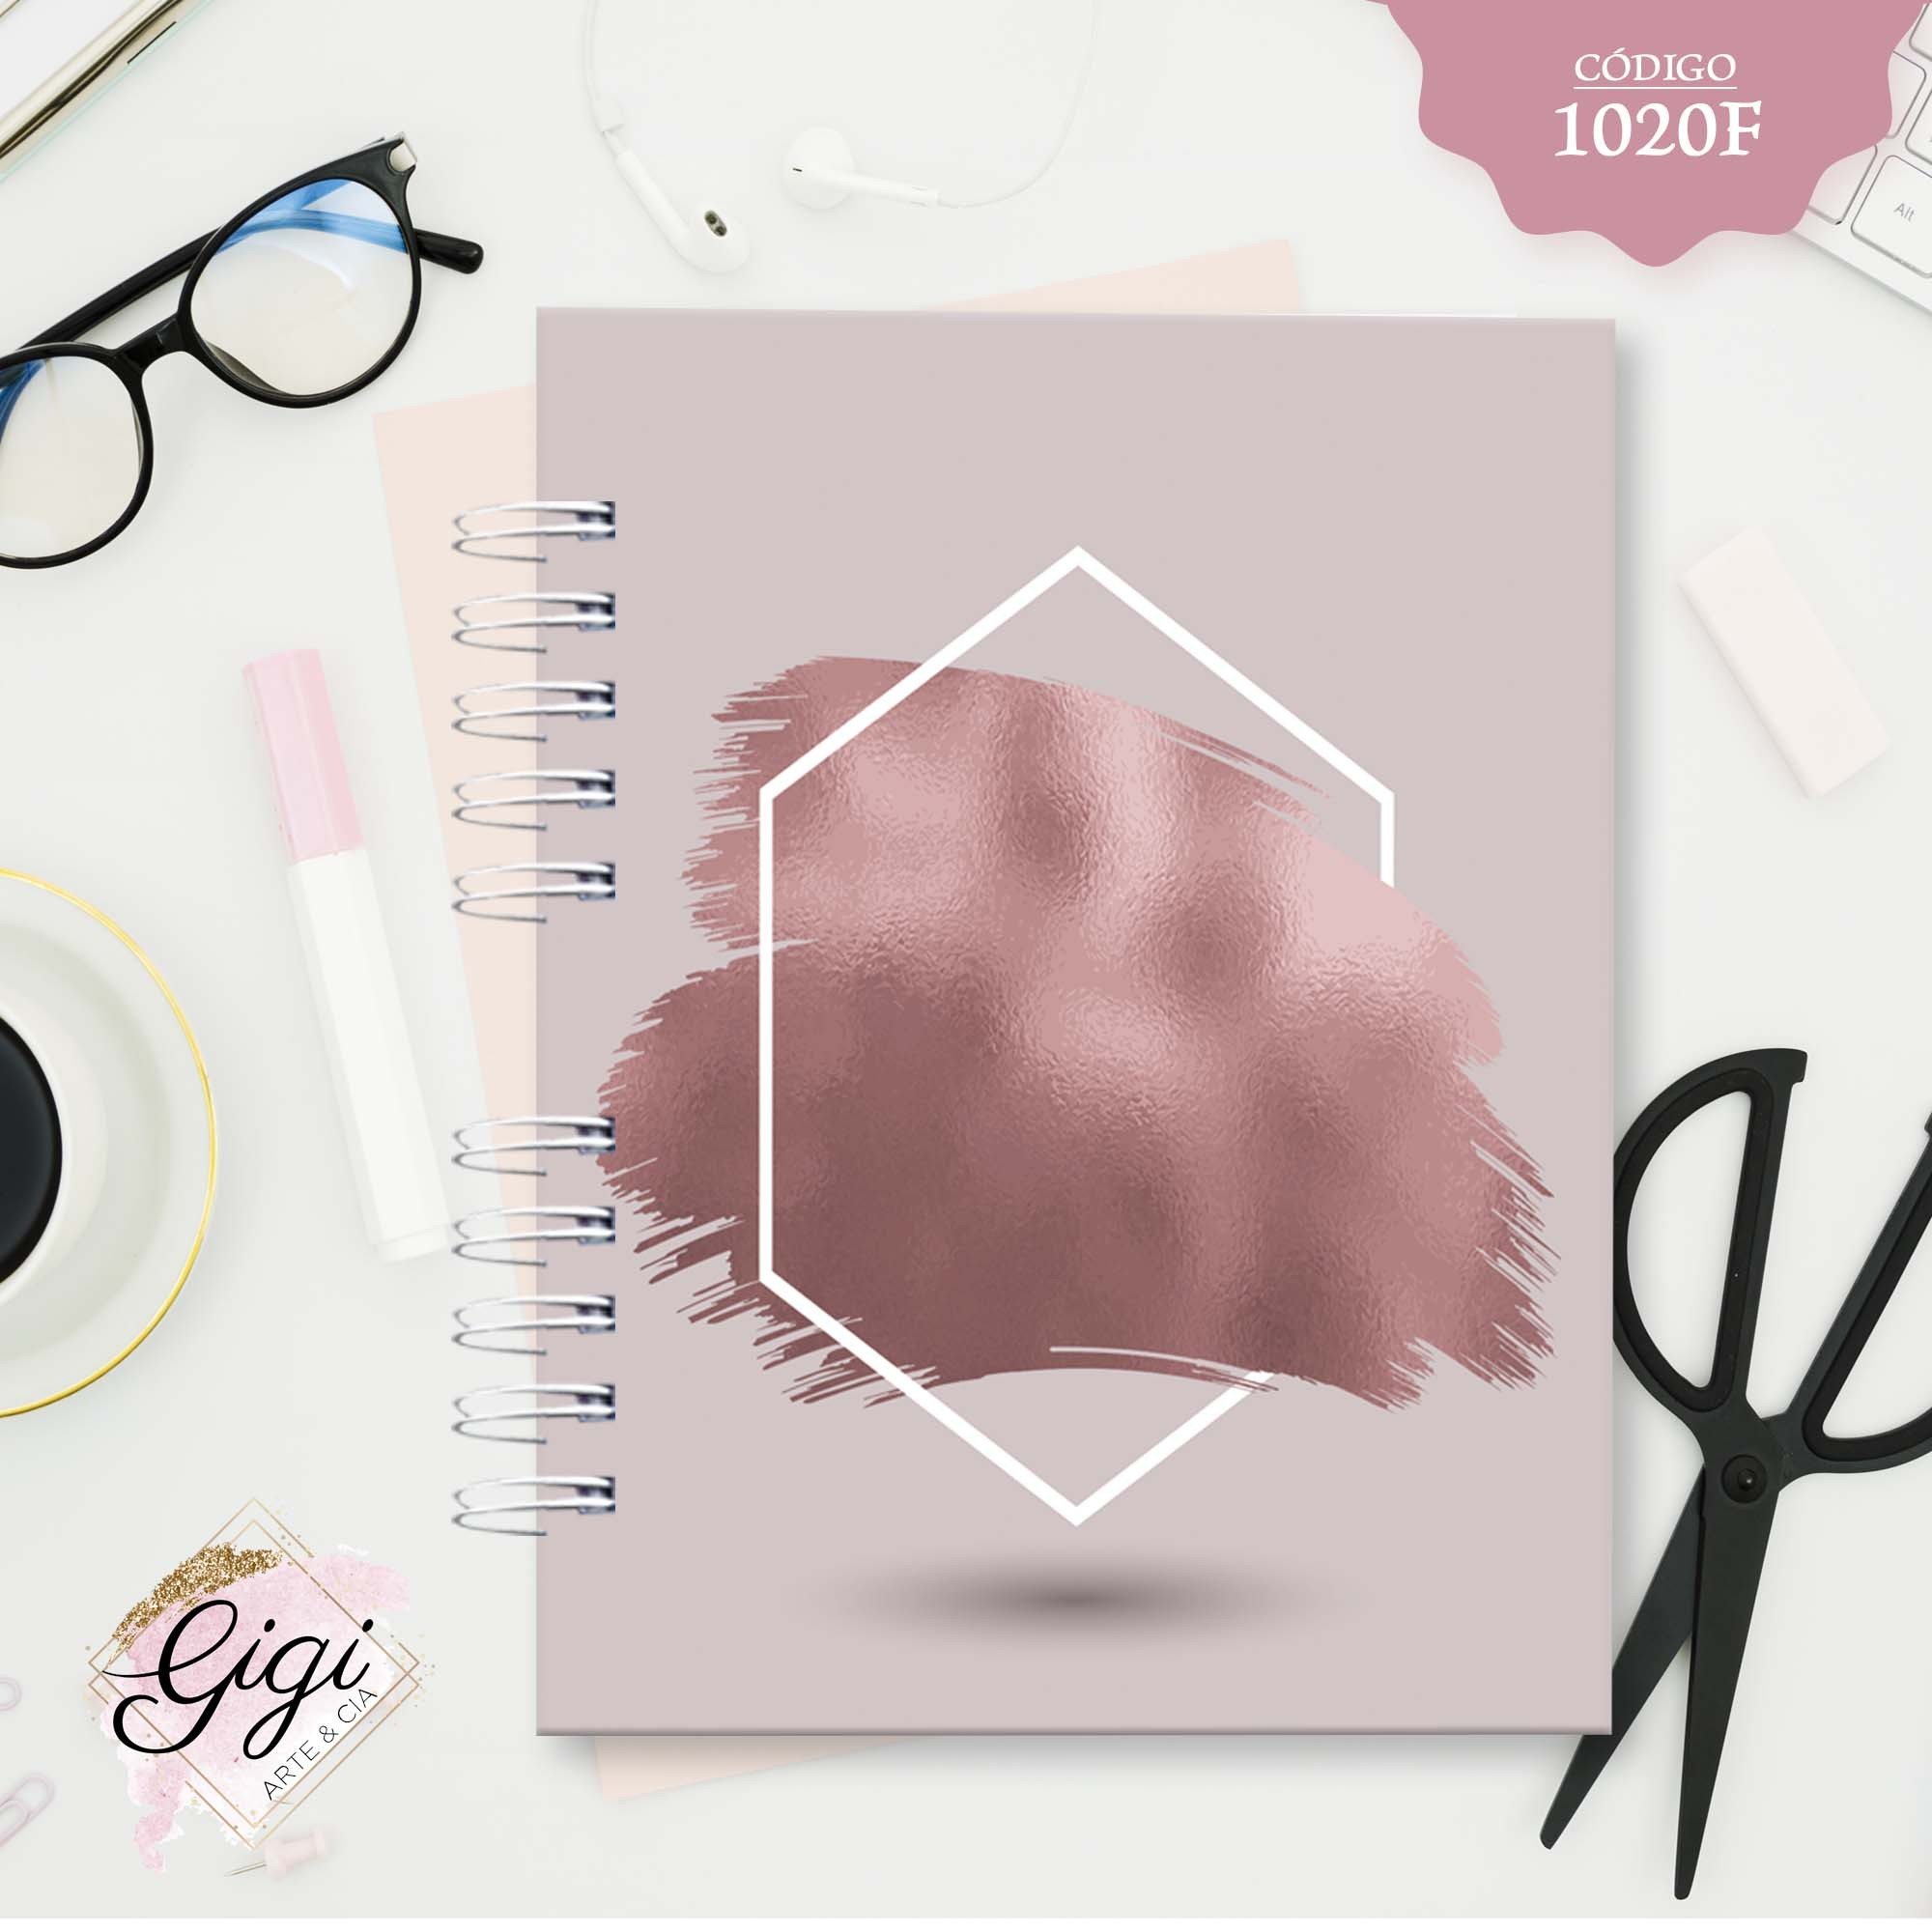 Kits Agenda, Caderno e Bloco de Notas  - Gigi Arte e Cia